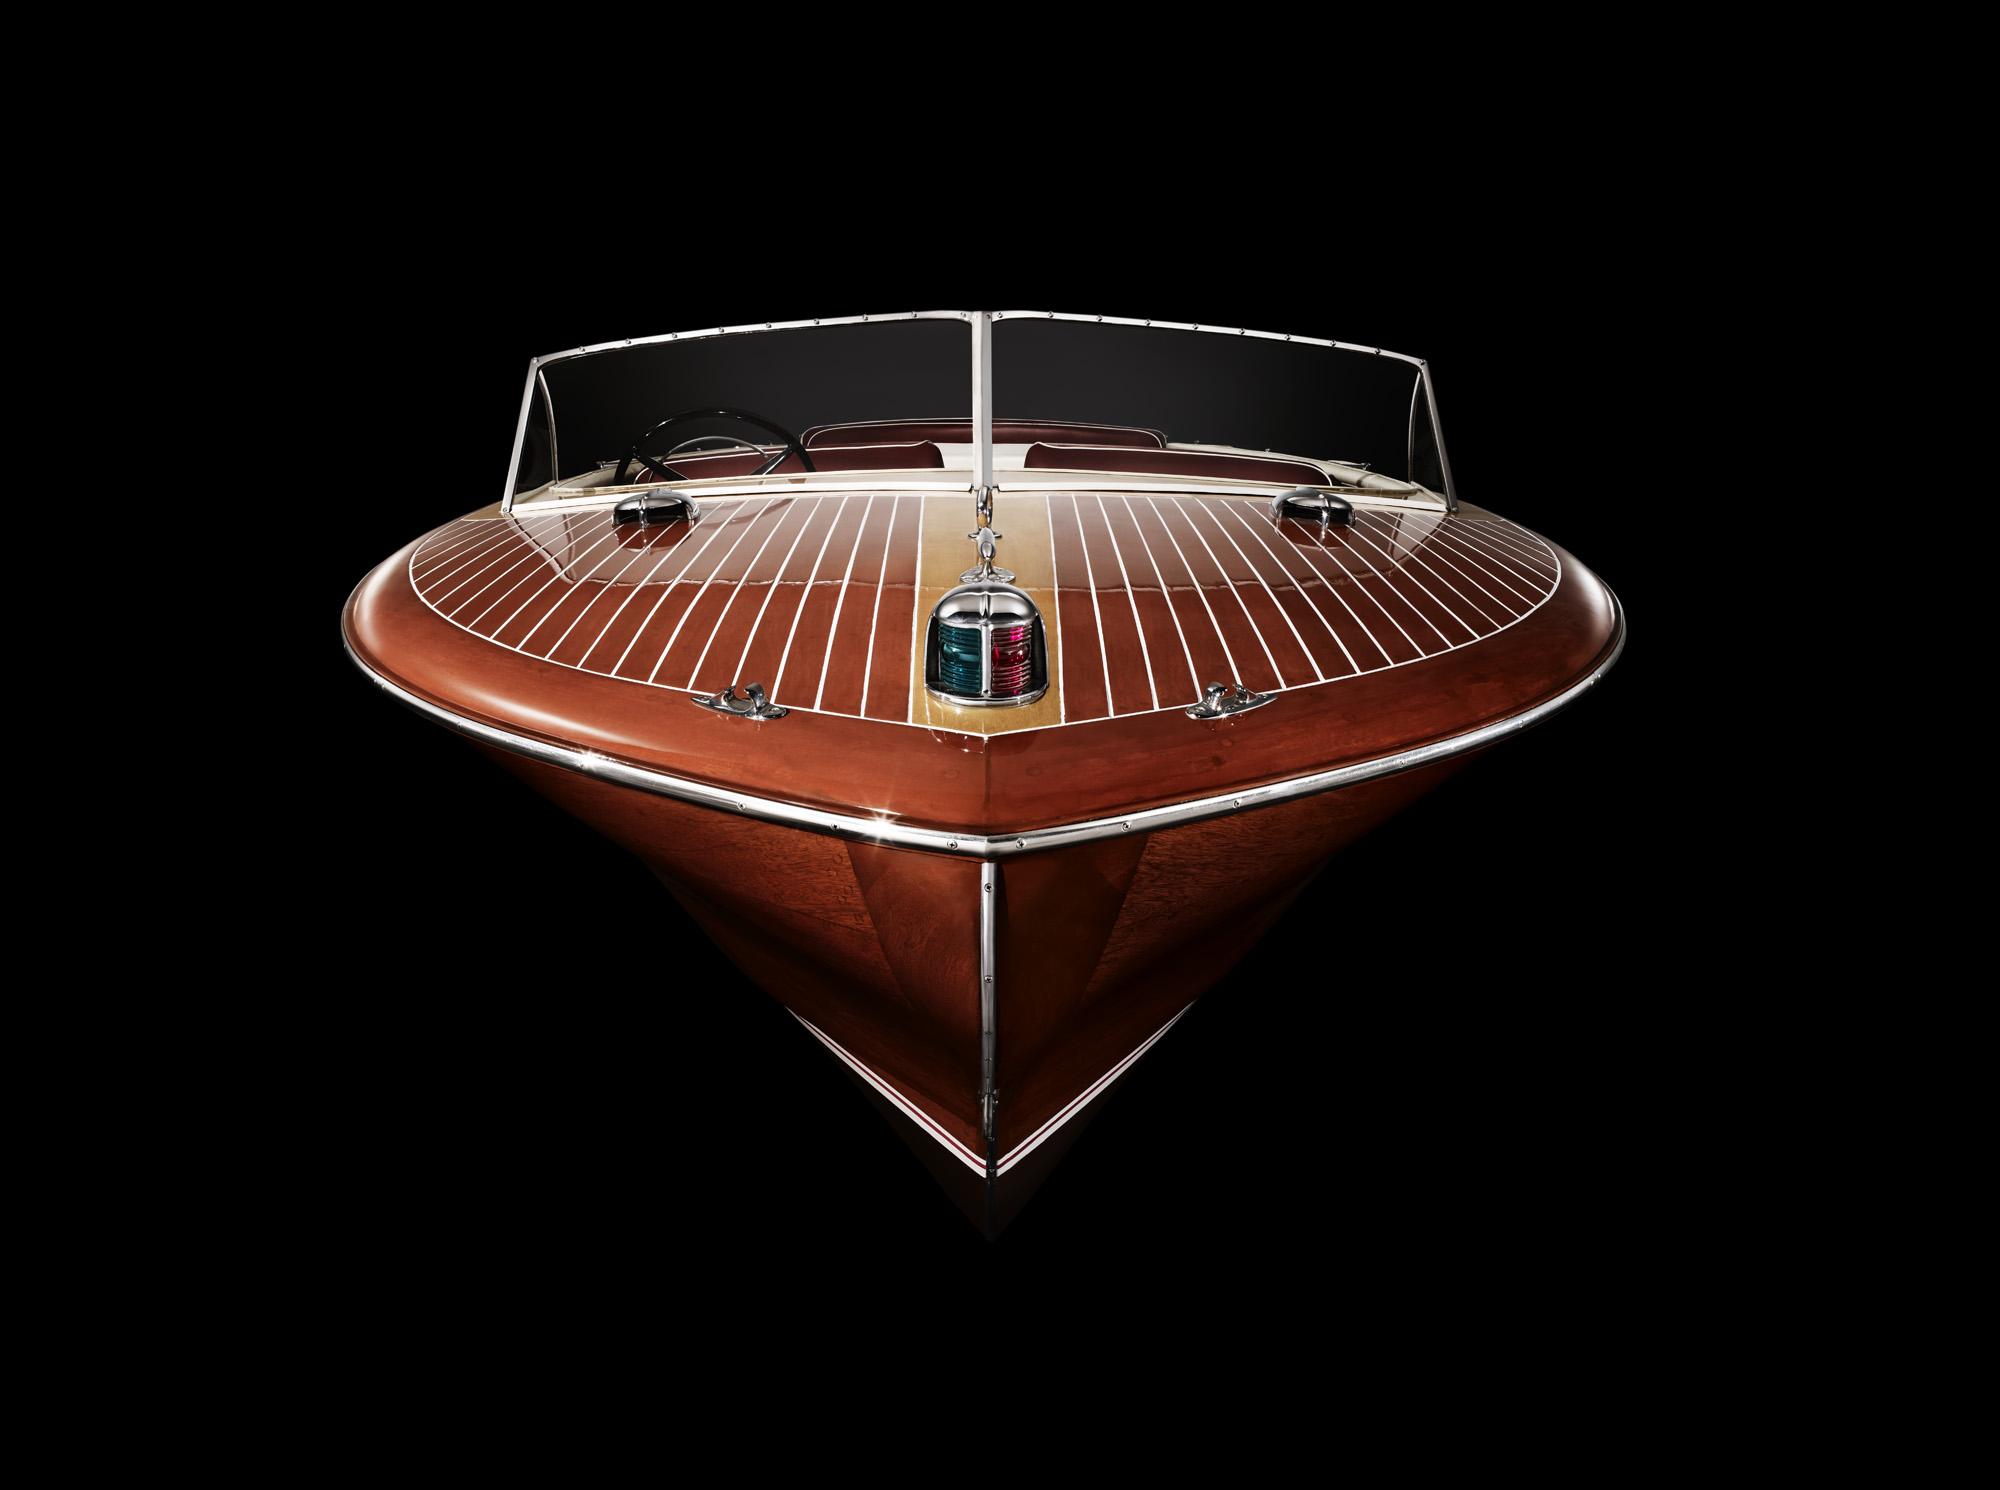 Boat_02_RGB2.jpg